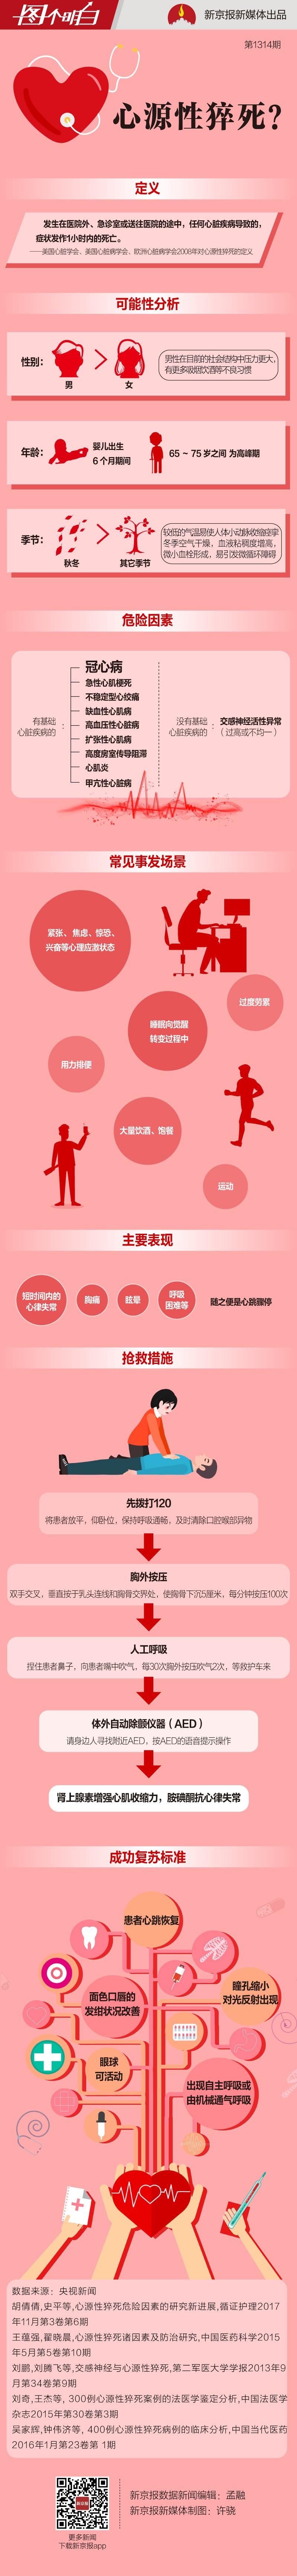 u乐娱乐彩票,中共中央 国务院发布关于支持深圳建设中国特色社会主义先行示范区的意见